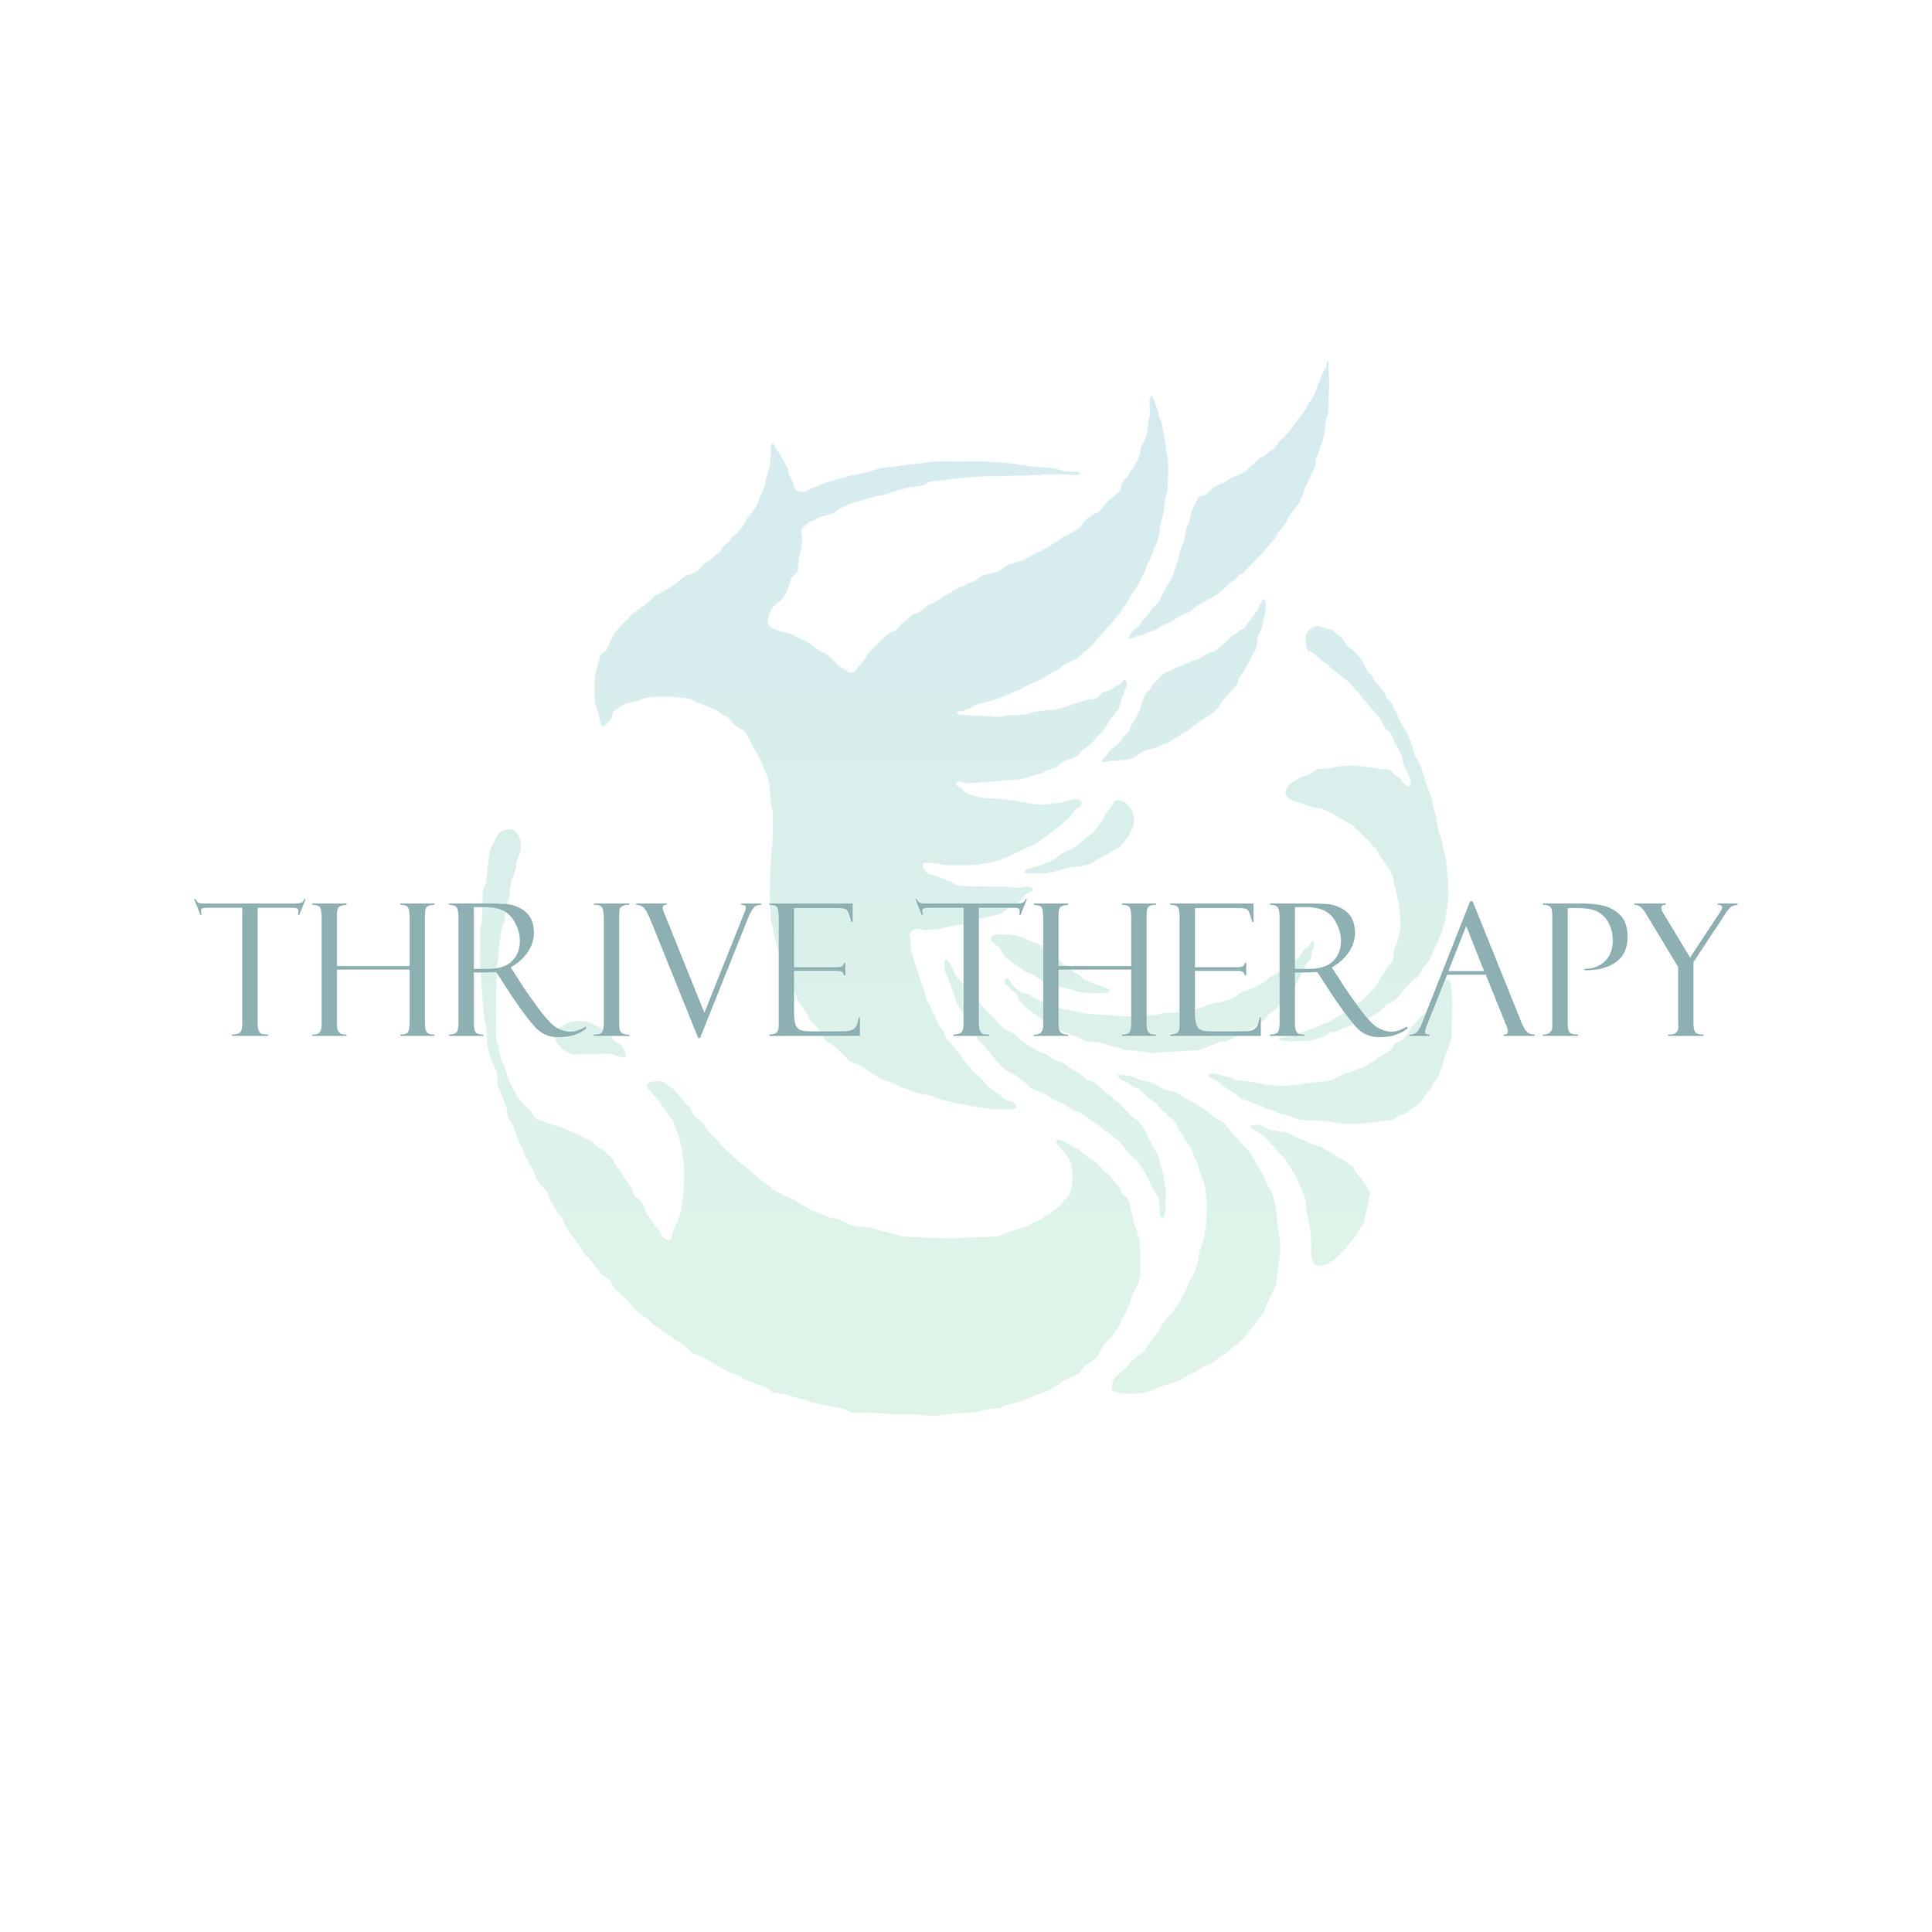 ThriveTherapylogo(1).jpg